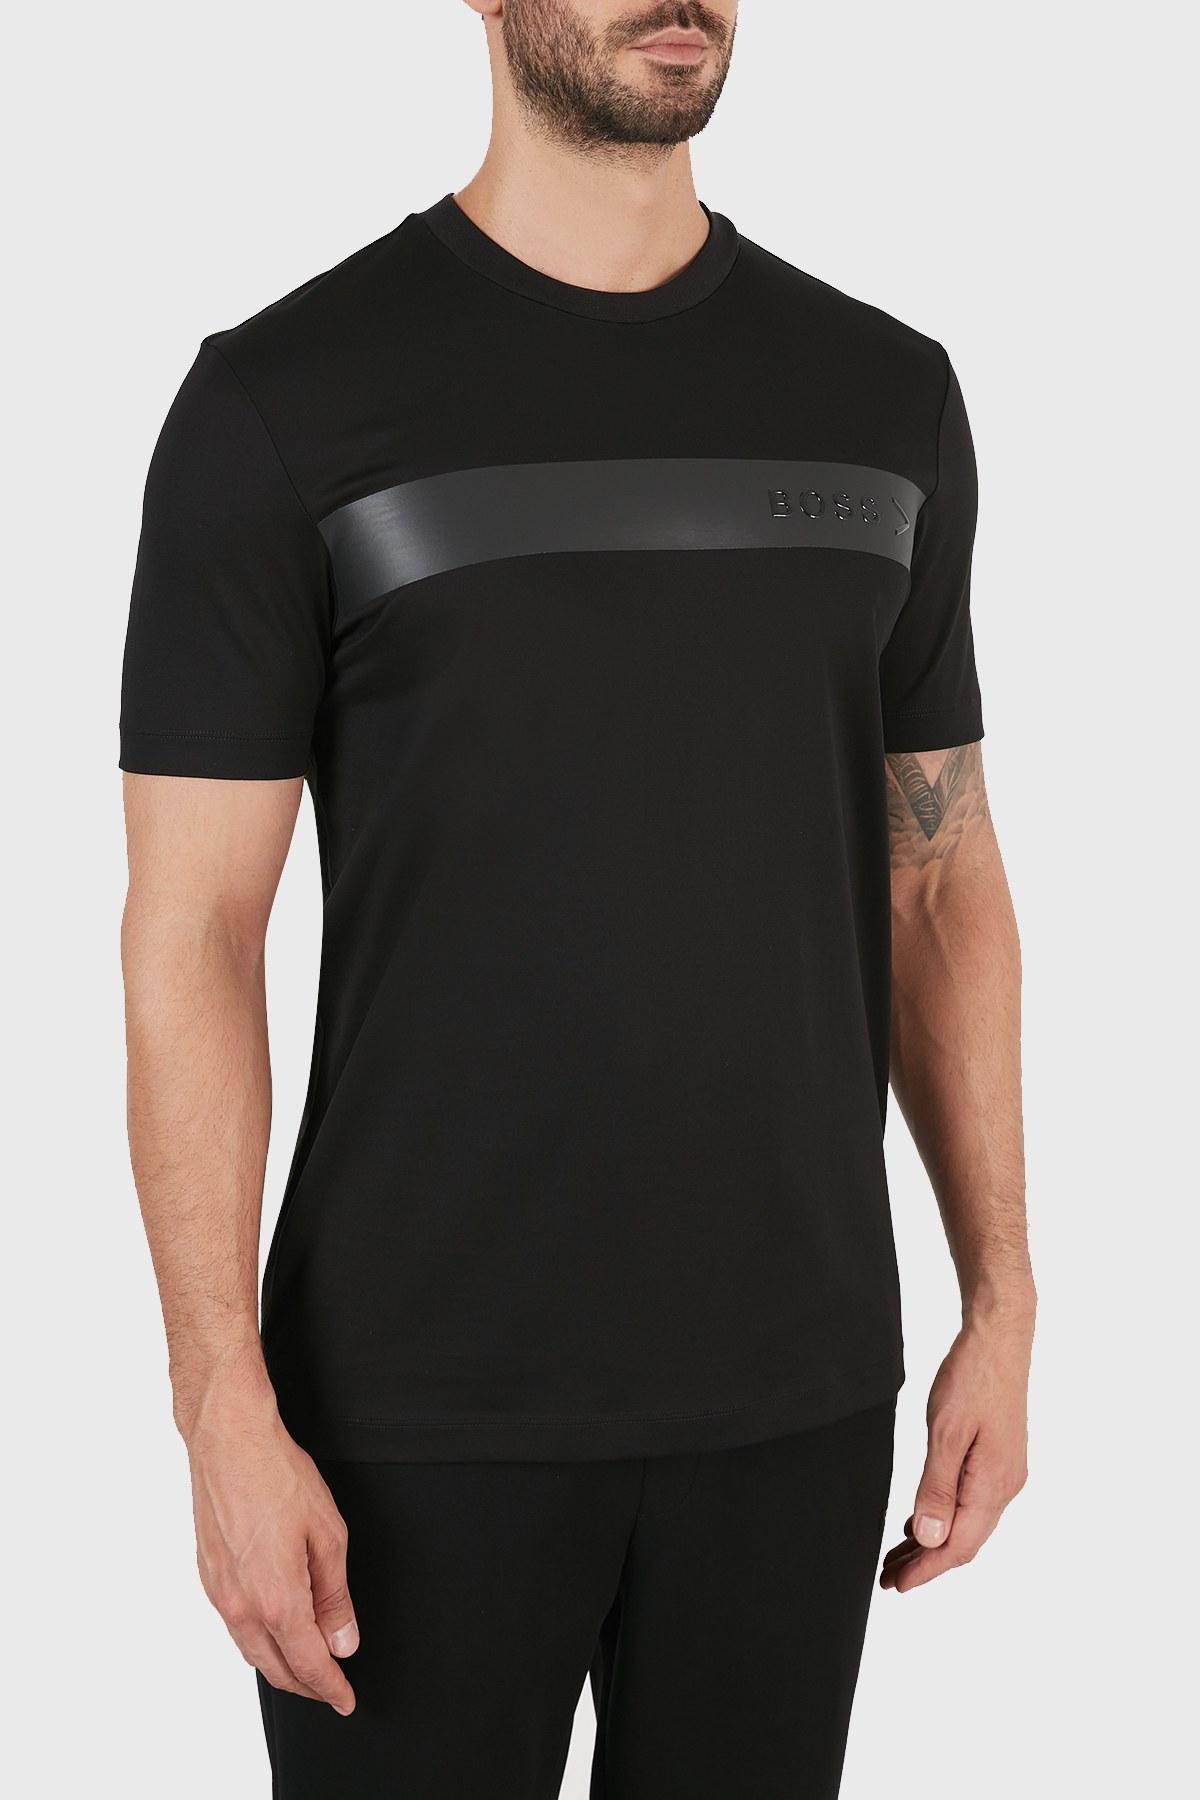 Hugo Boss Regular Fit Bisiklet Yaka % 100 Pamuk Erkek T Shirt 50458358 001 SİYAH